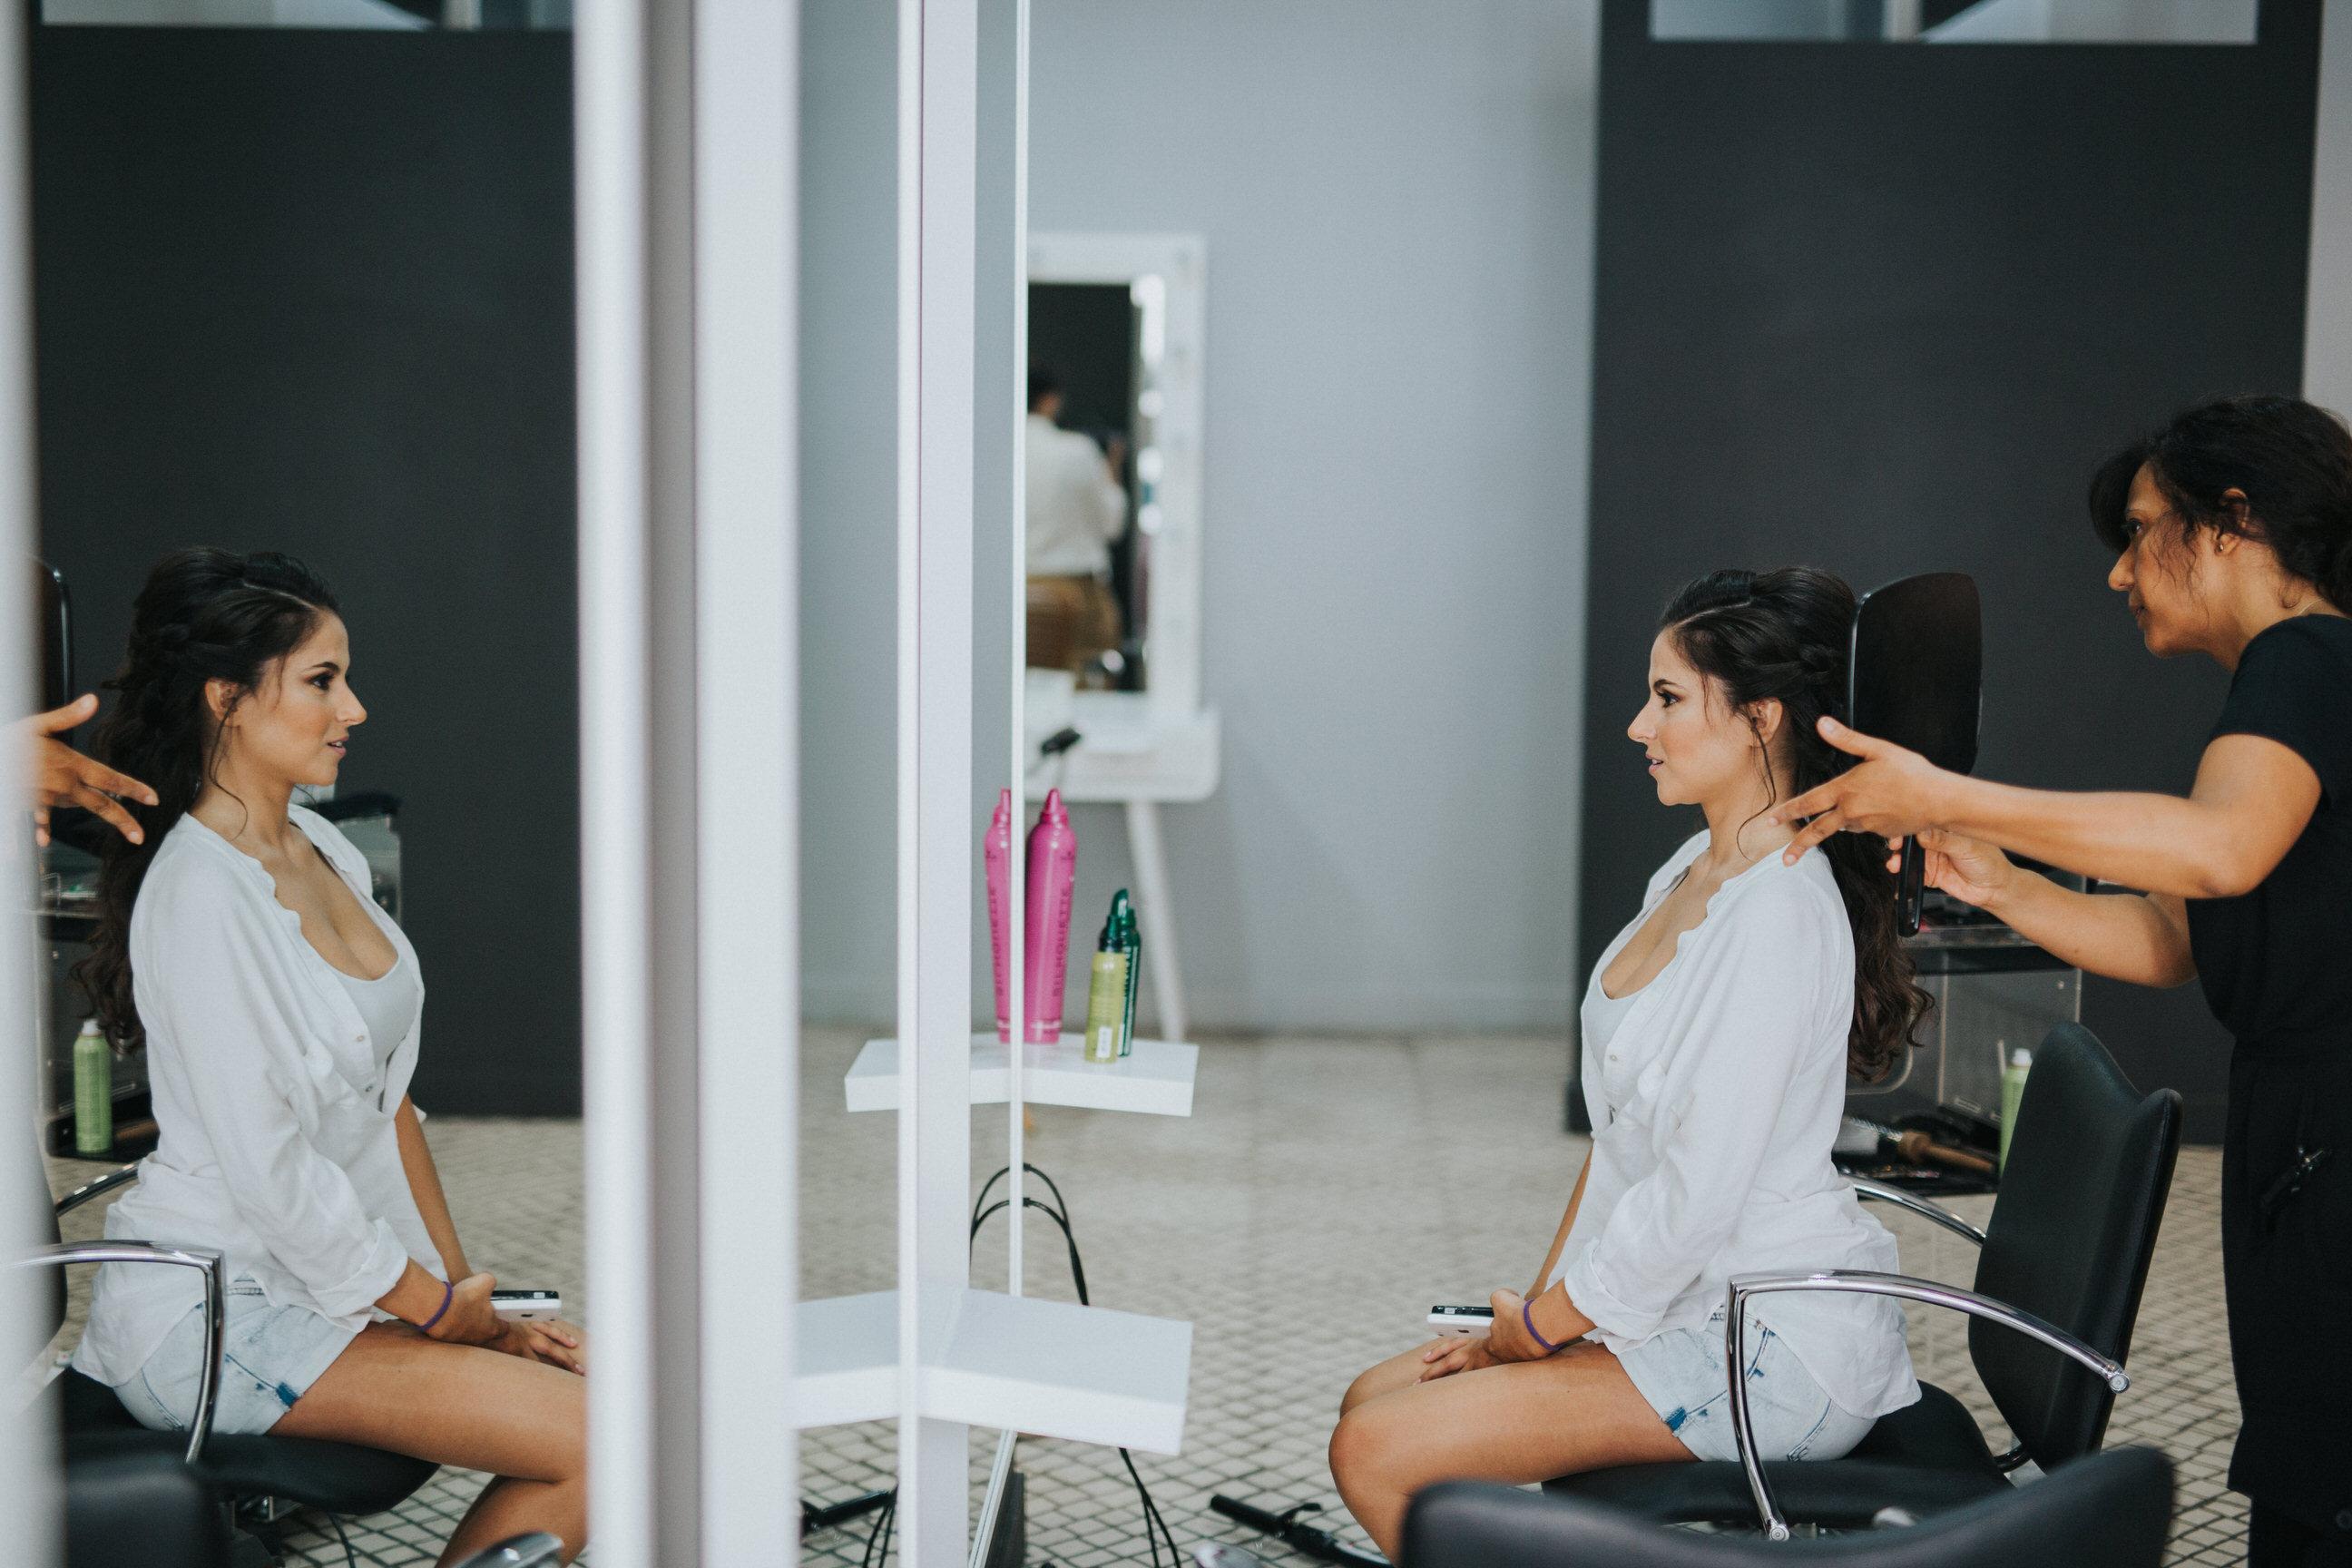 Casamento-Rústico-Bucelas-Quinta-da-Murta-boho-chic-vestidos-dress-venue-Portugal-wedding-preparativos-noiva-cabeleireiro-cabelo